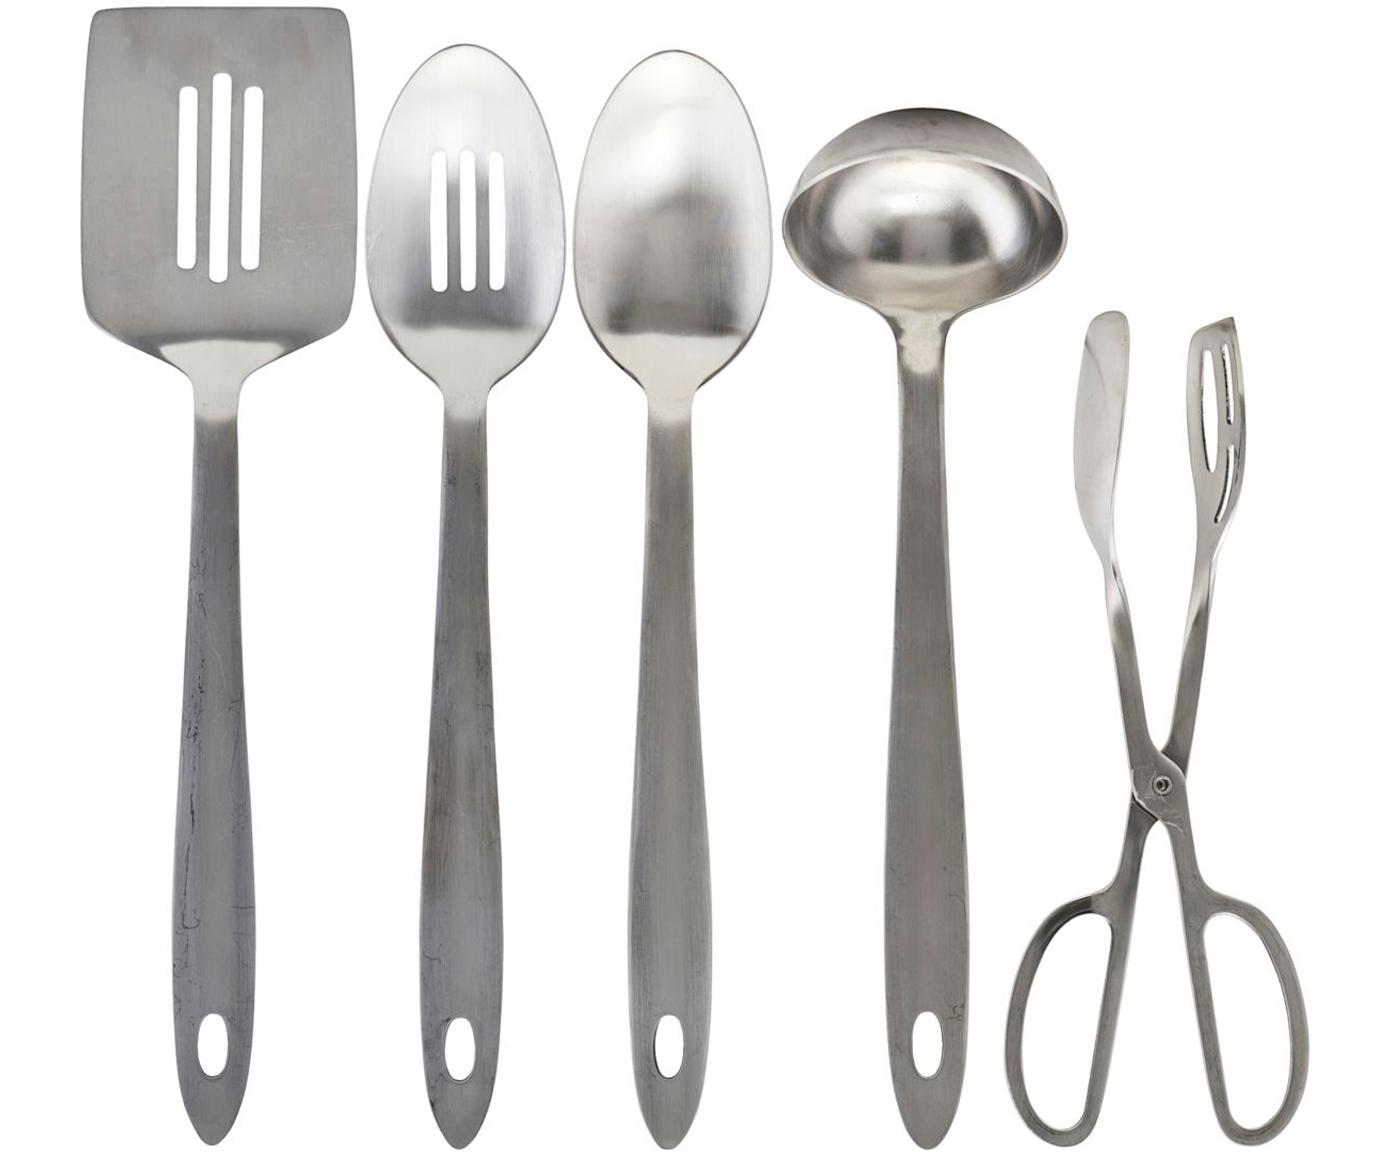 Set de utensilios de cocina Take, 5pzas., Acero inoxidable, Plateado, Tamaños diferentes